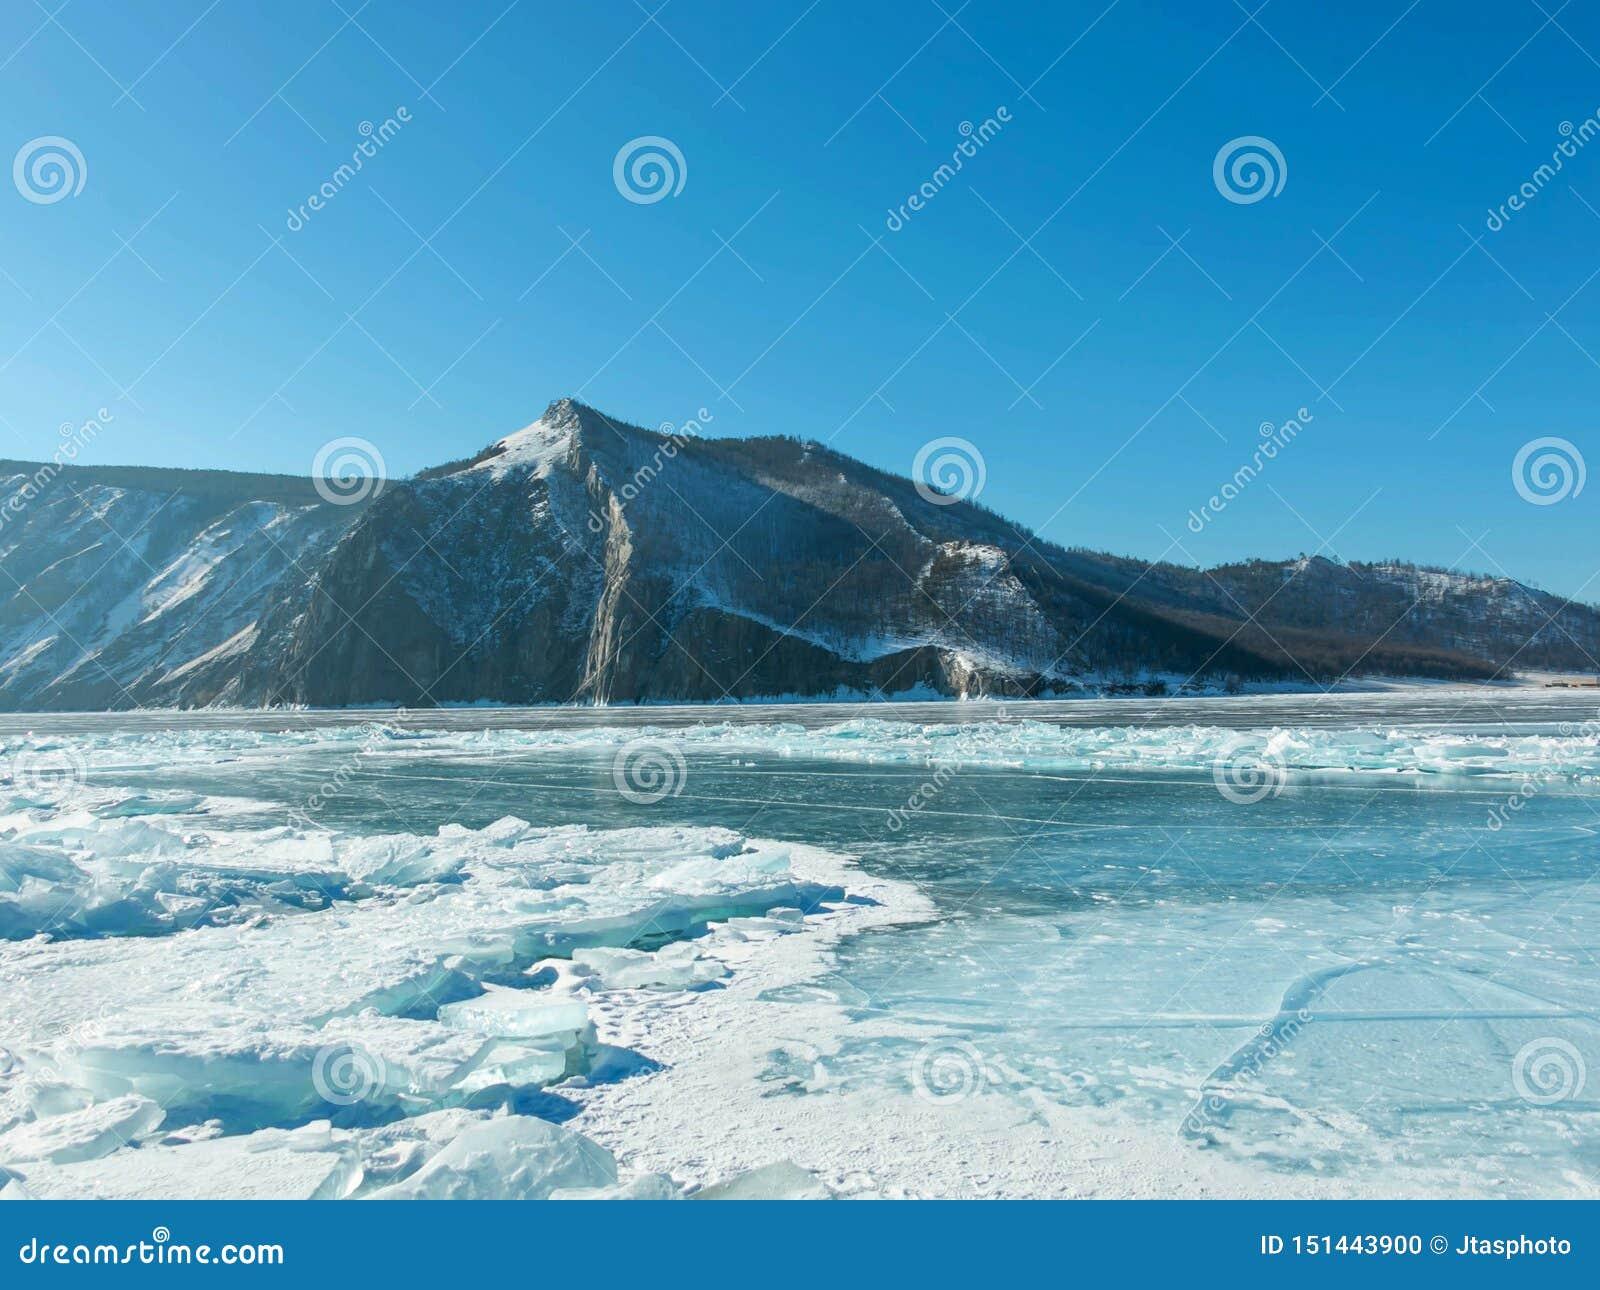 Landschapsfoto van Bevroren Meer Baikal in Siberië; Russische Federatie